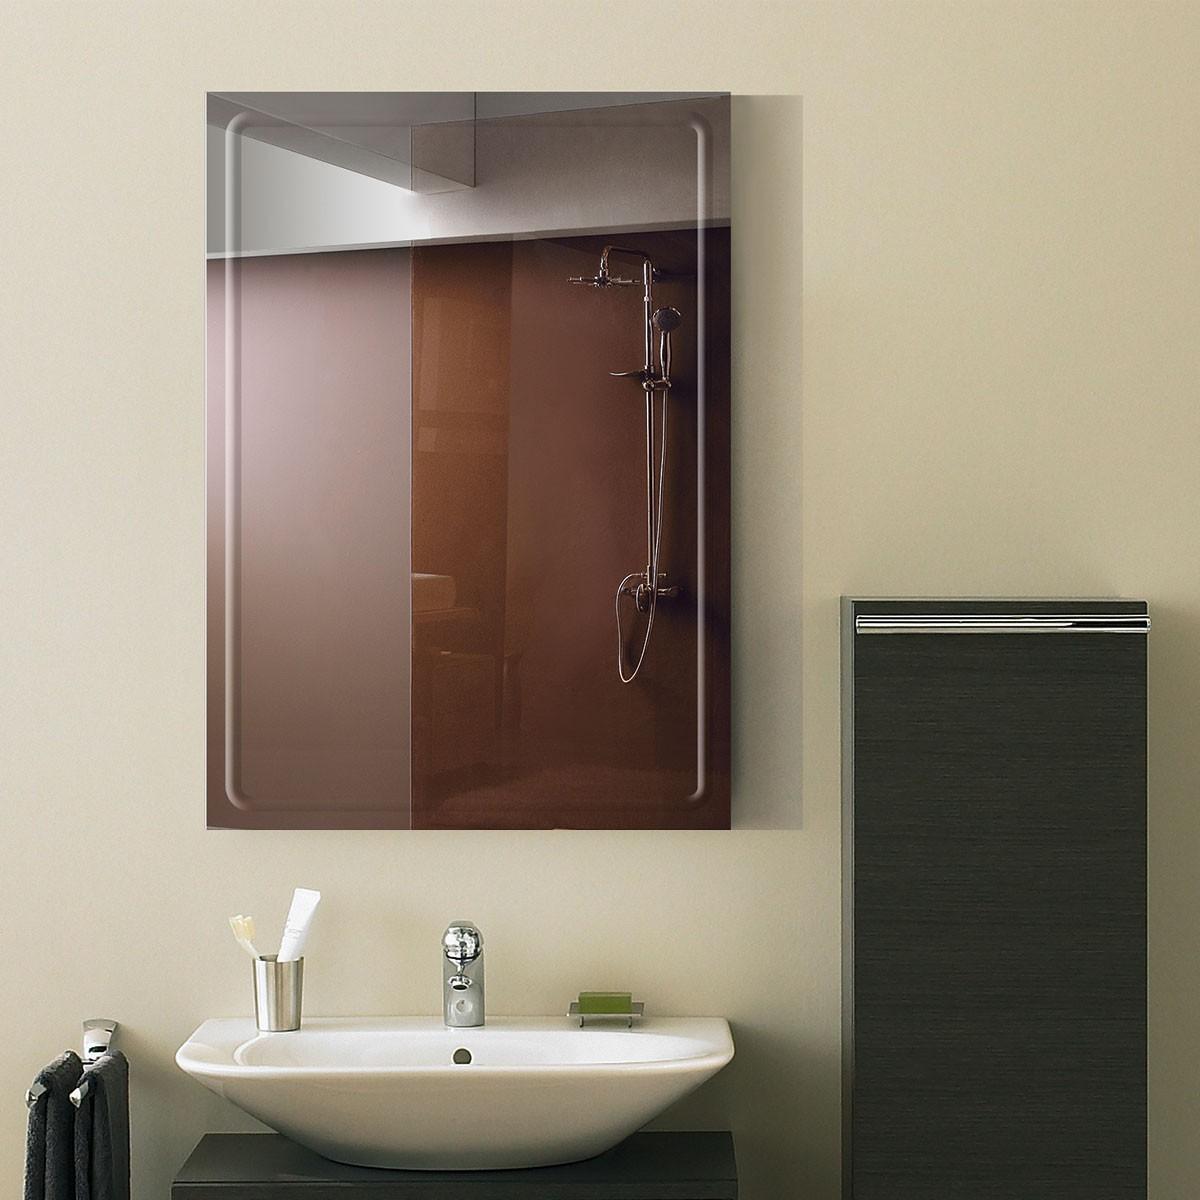 28 x 20 po miroir mural salle de bain classique for Miroir sans cadre